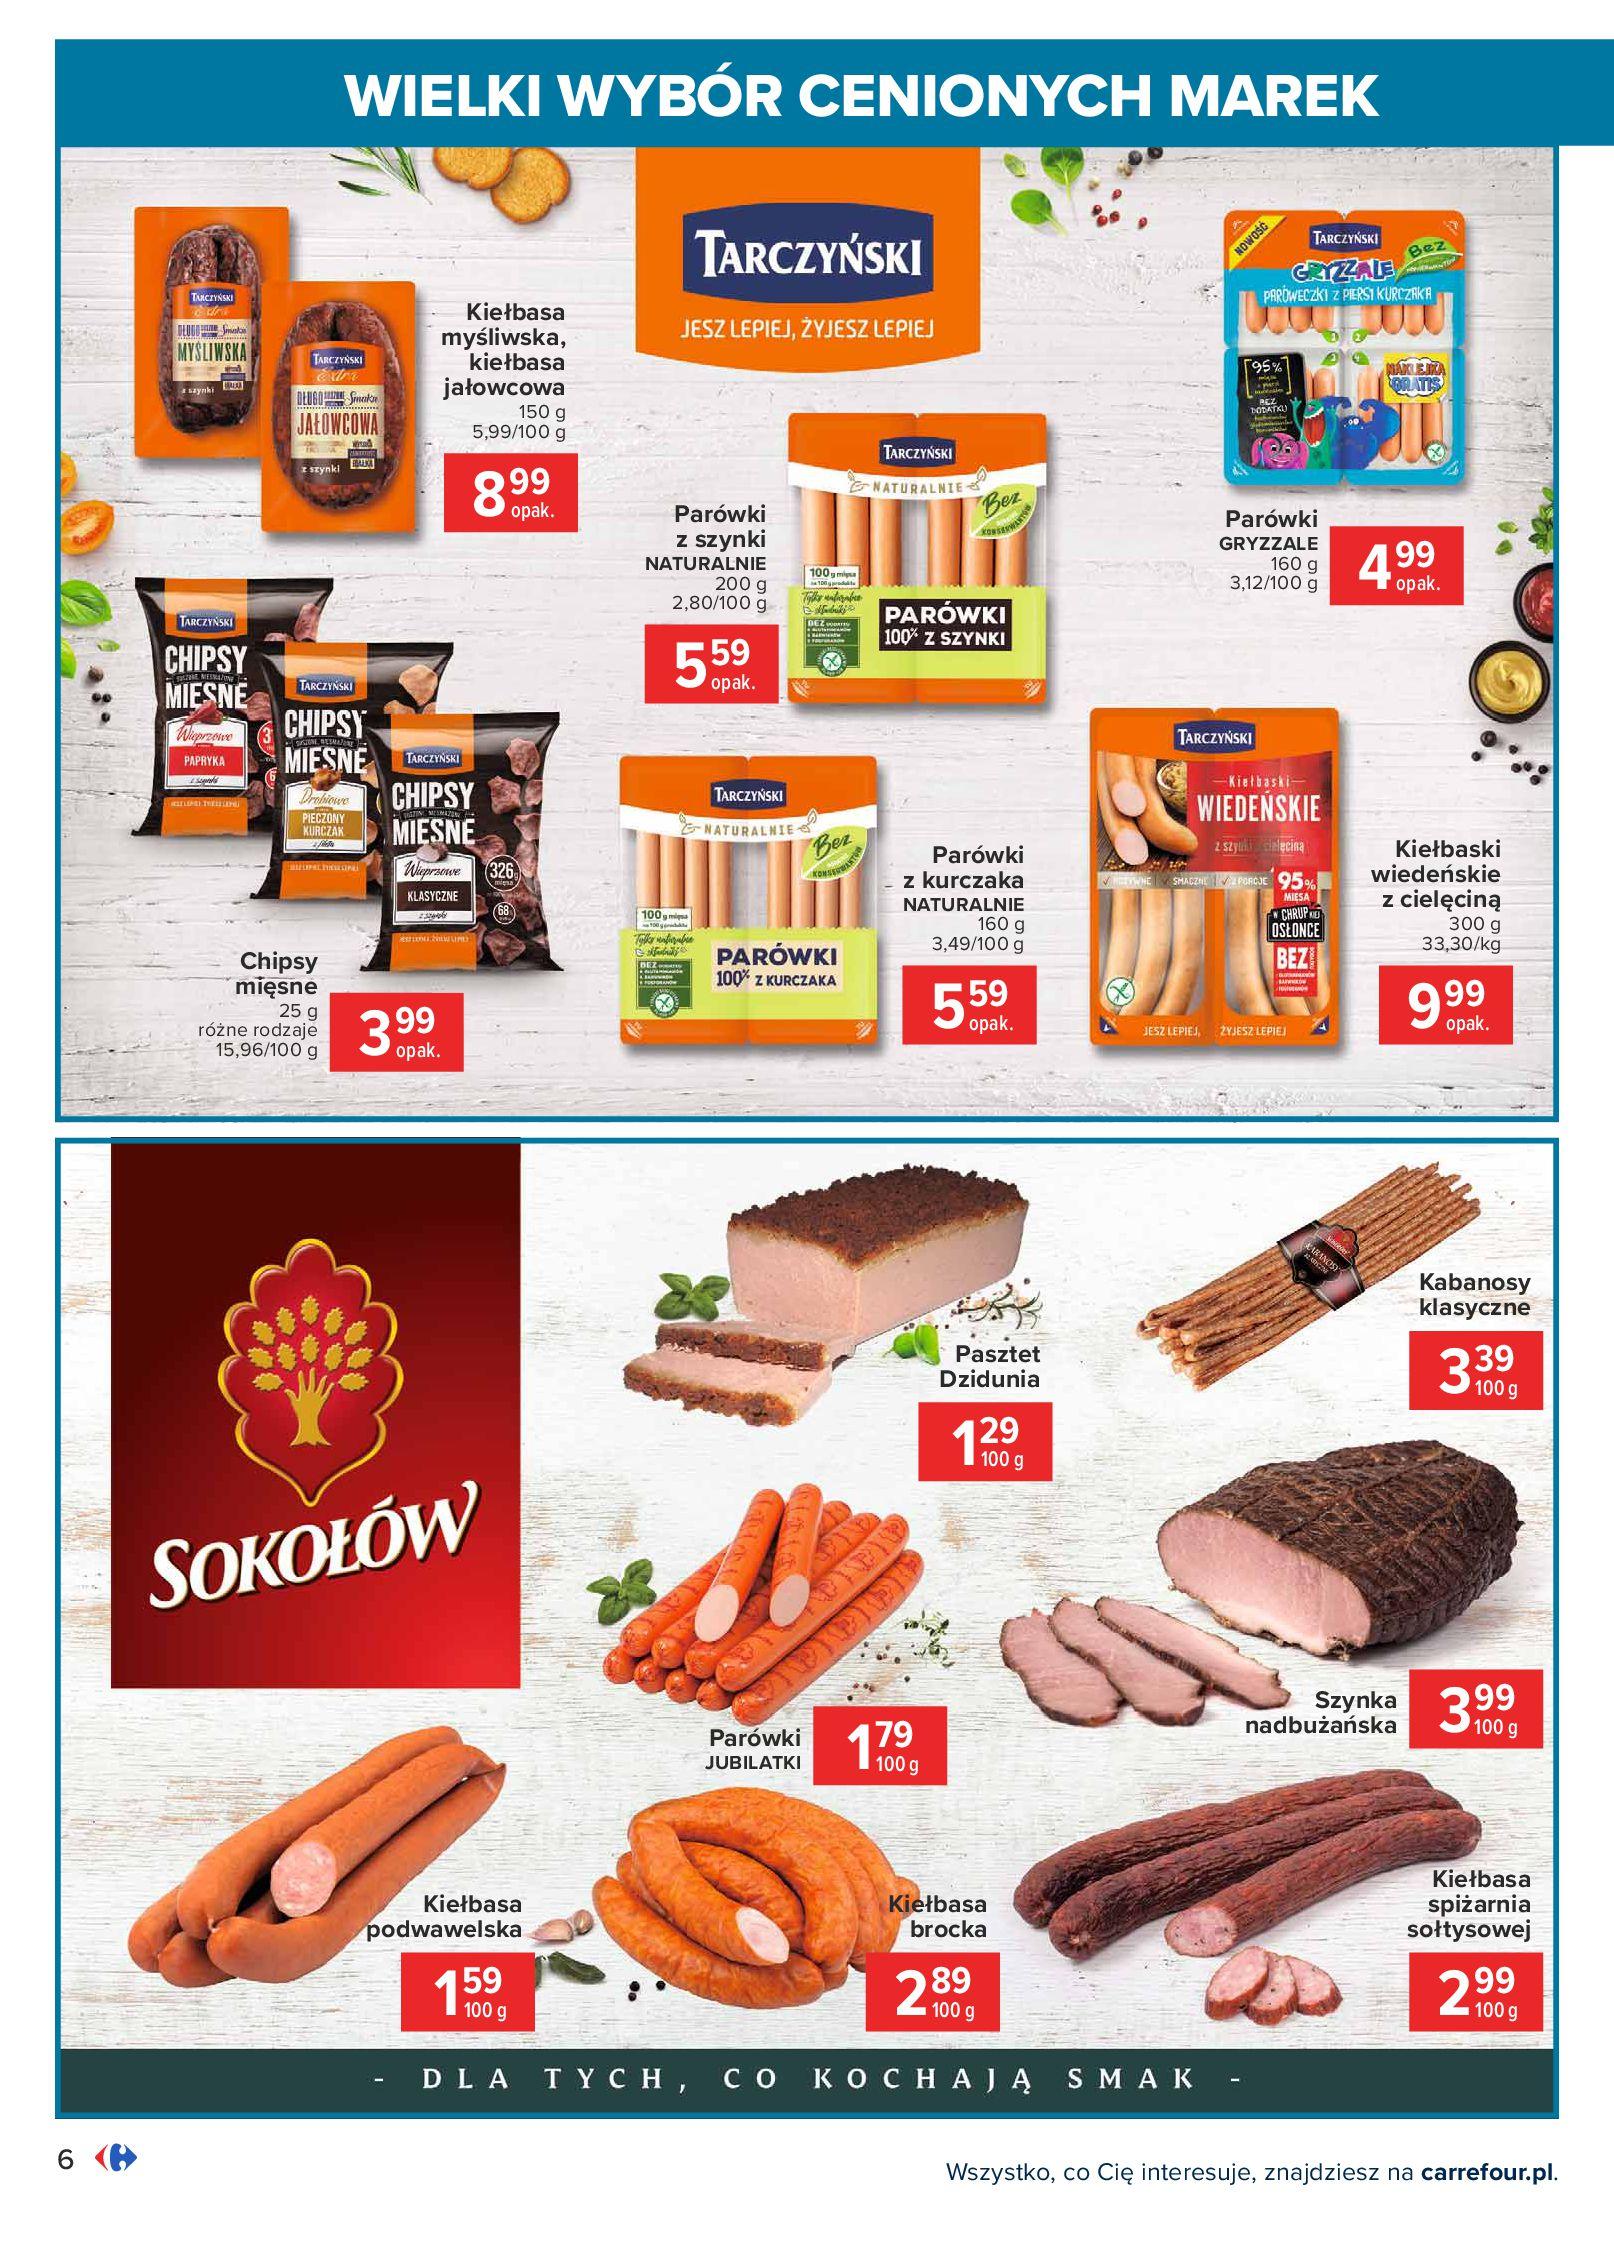 Gazetka Carrefour: Wielki wybór cenionych marek 2021-05-04 page-6